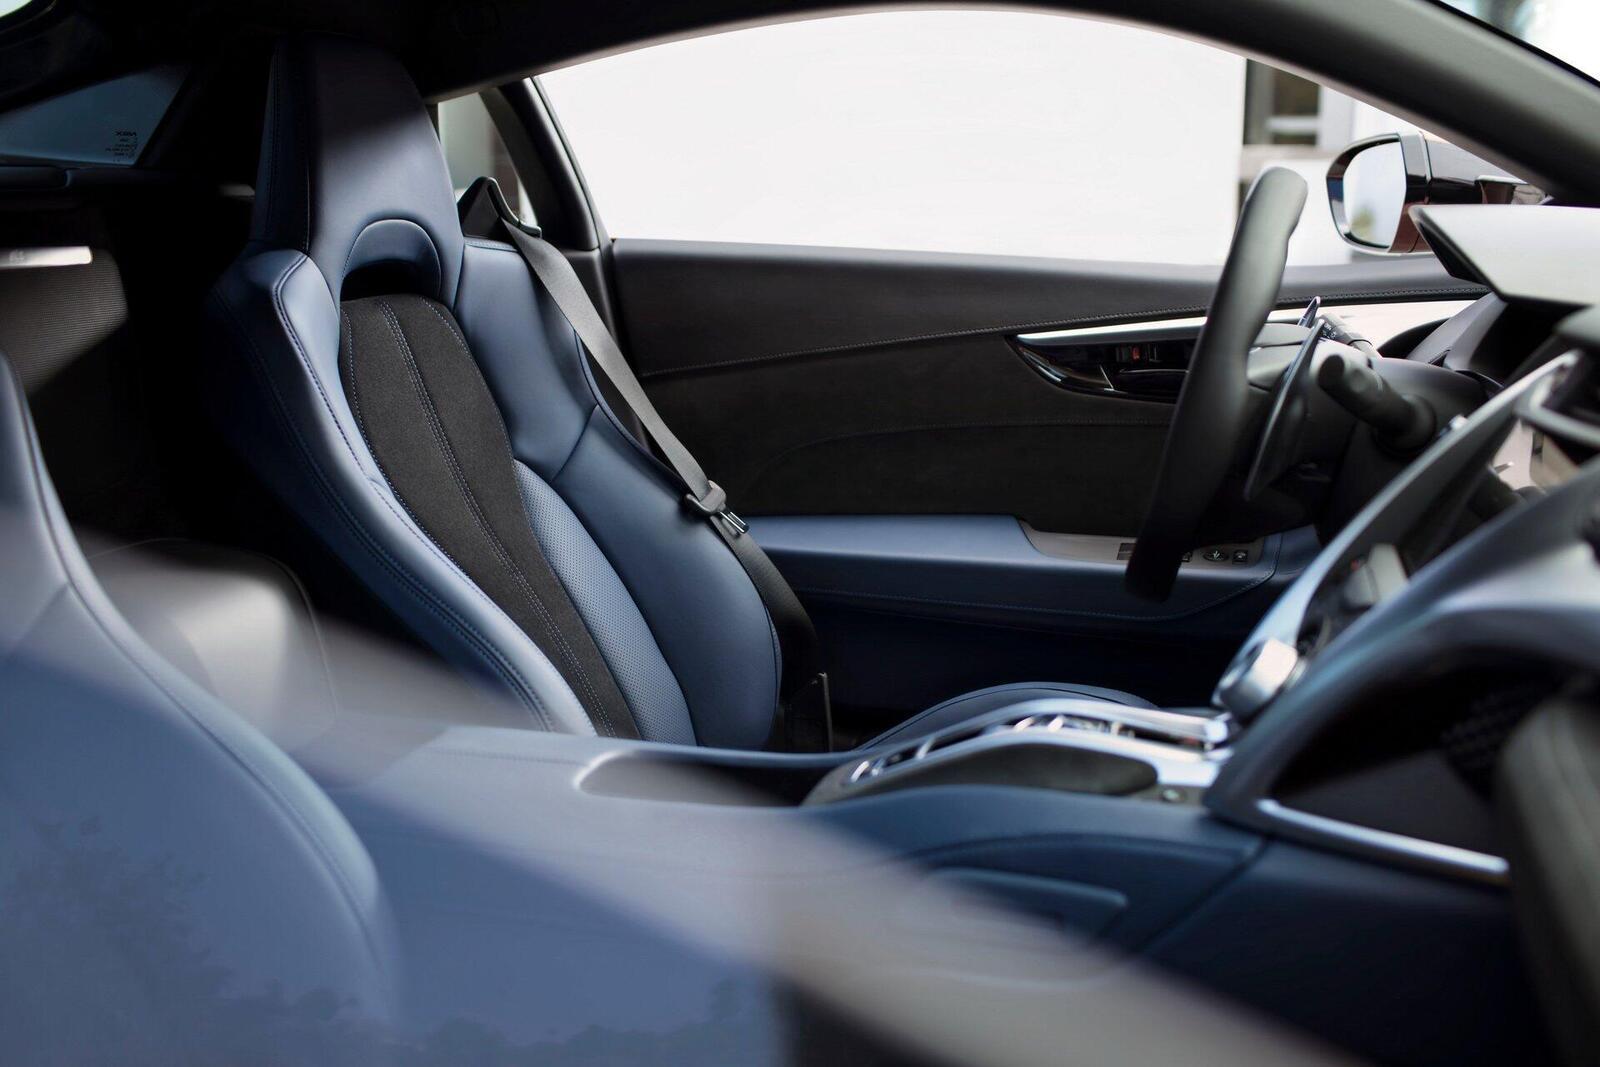 Siêu xe Acura NSX 2019 động cơ hybrid chốt giá từ 157.500 USD - Hình 8